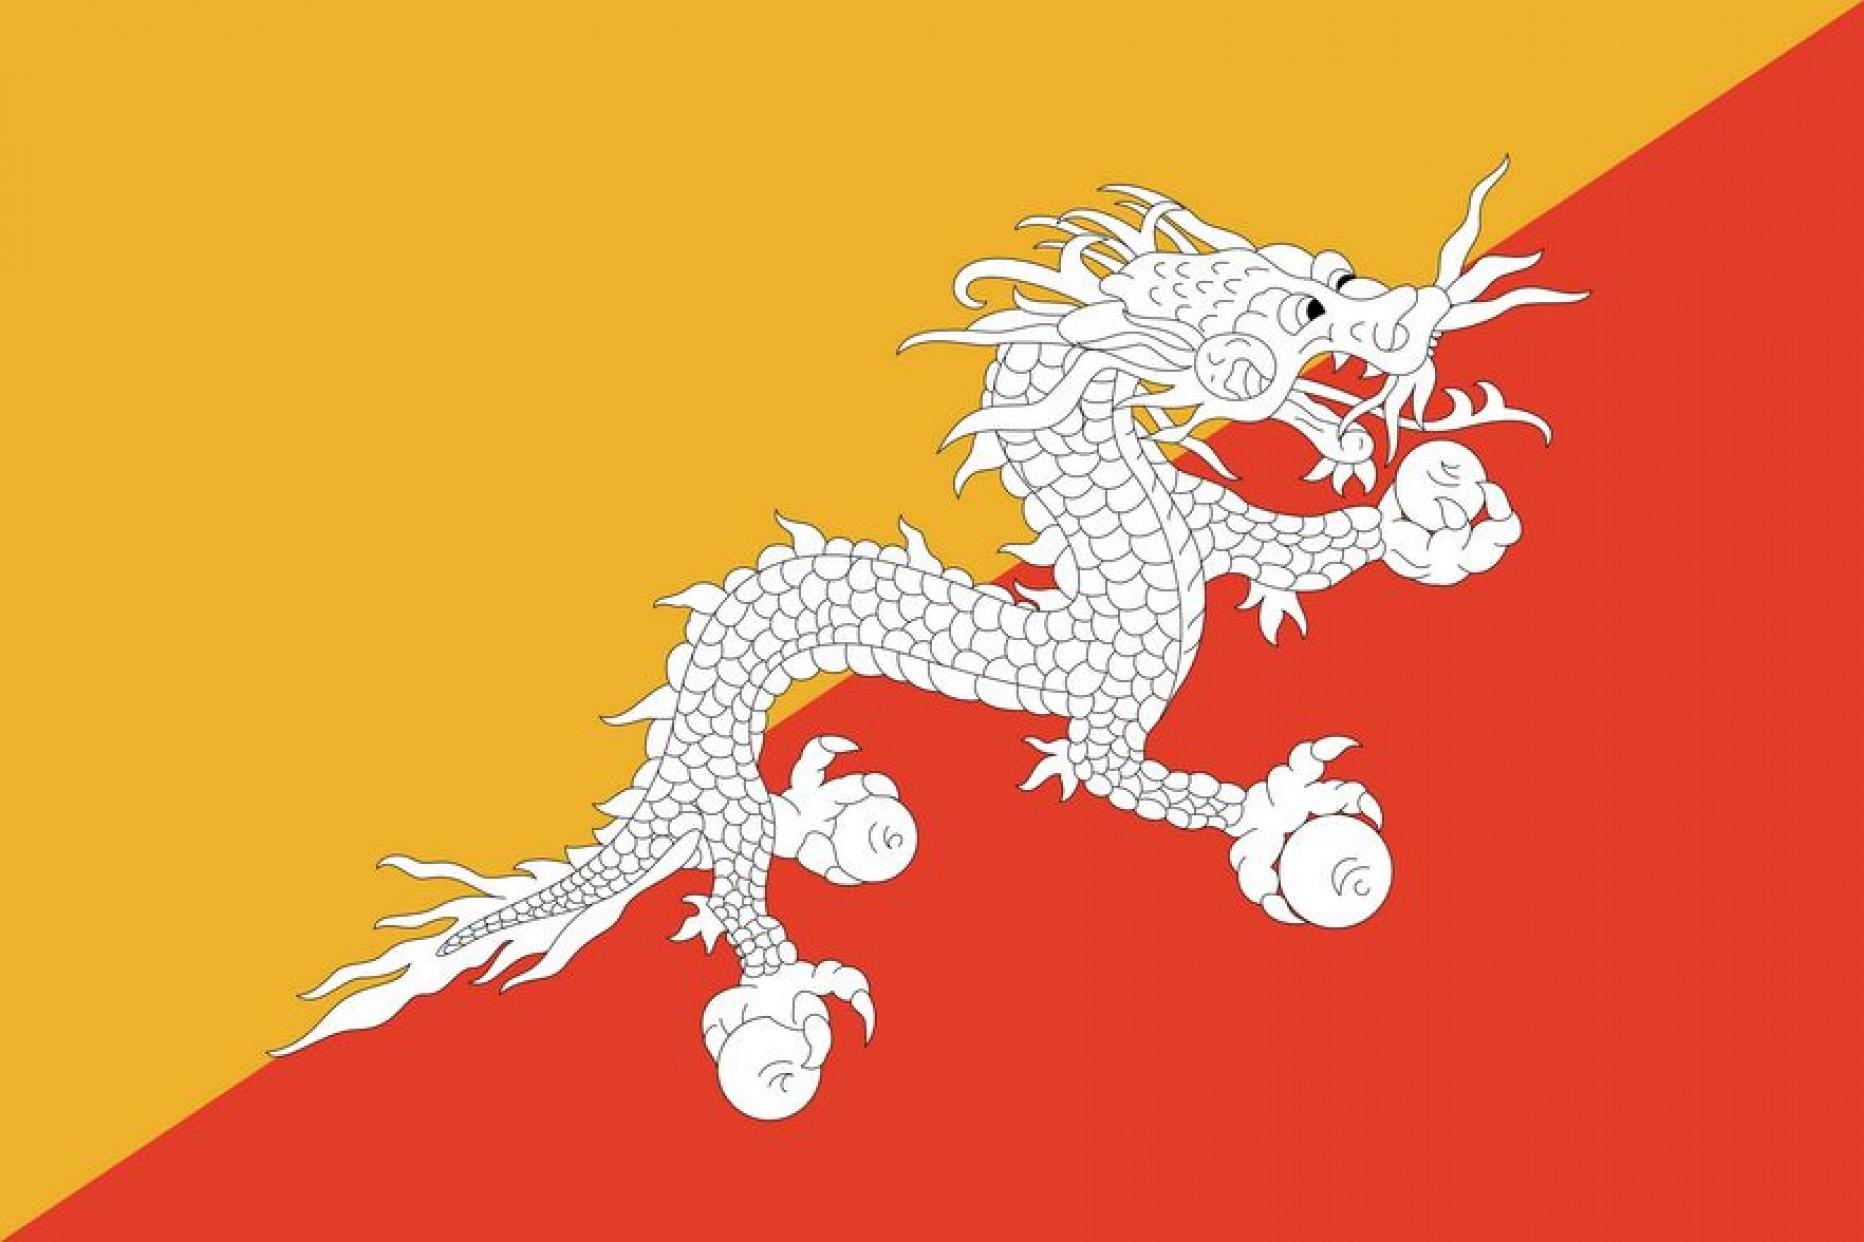 Consulat du Bhoutan